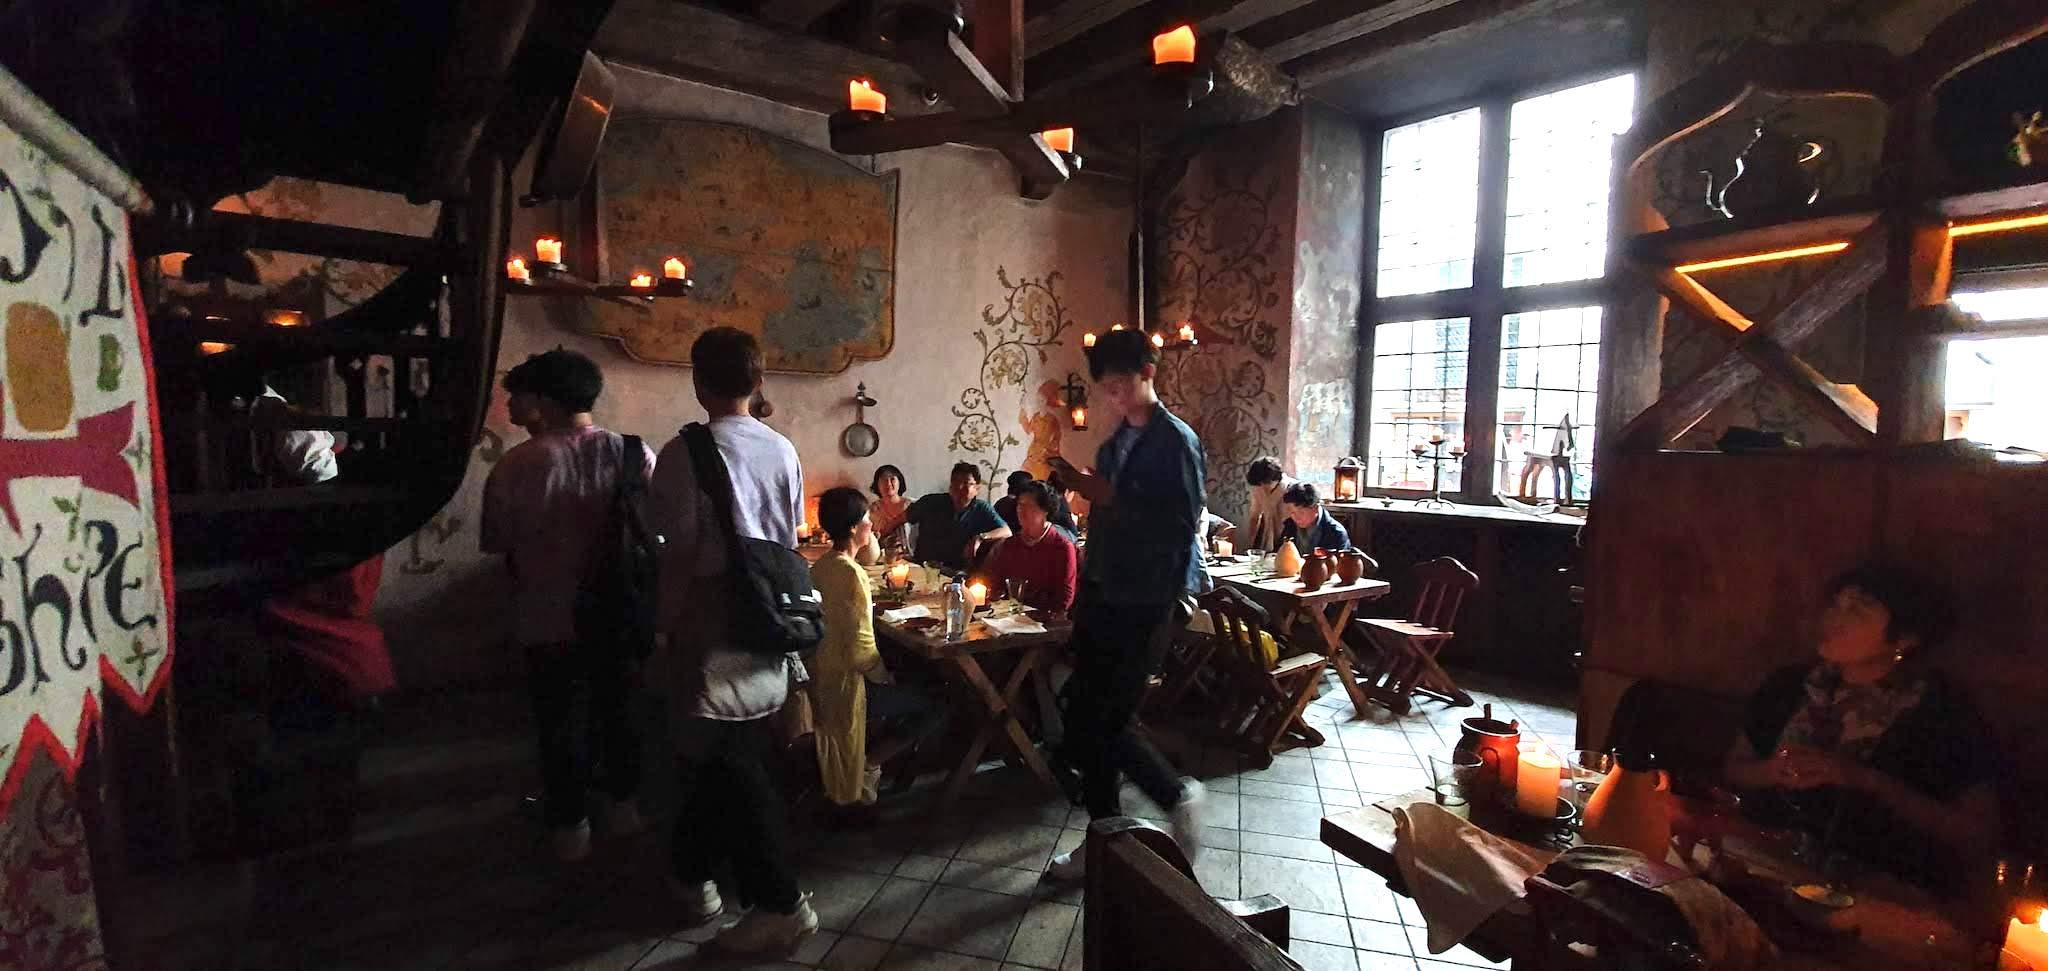 Complejo de tiendas de diseño y bares, también inspirados en lo medieval en Tallinn